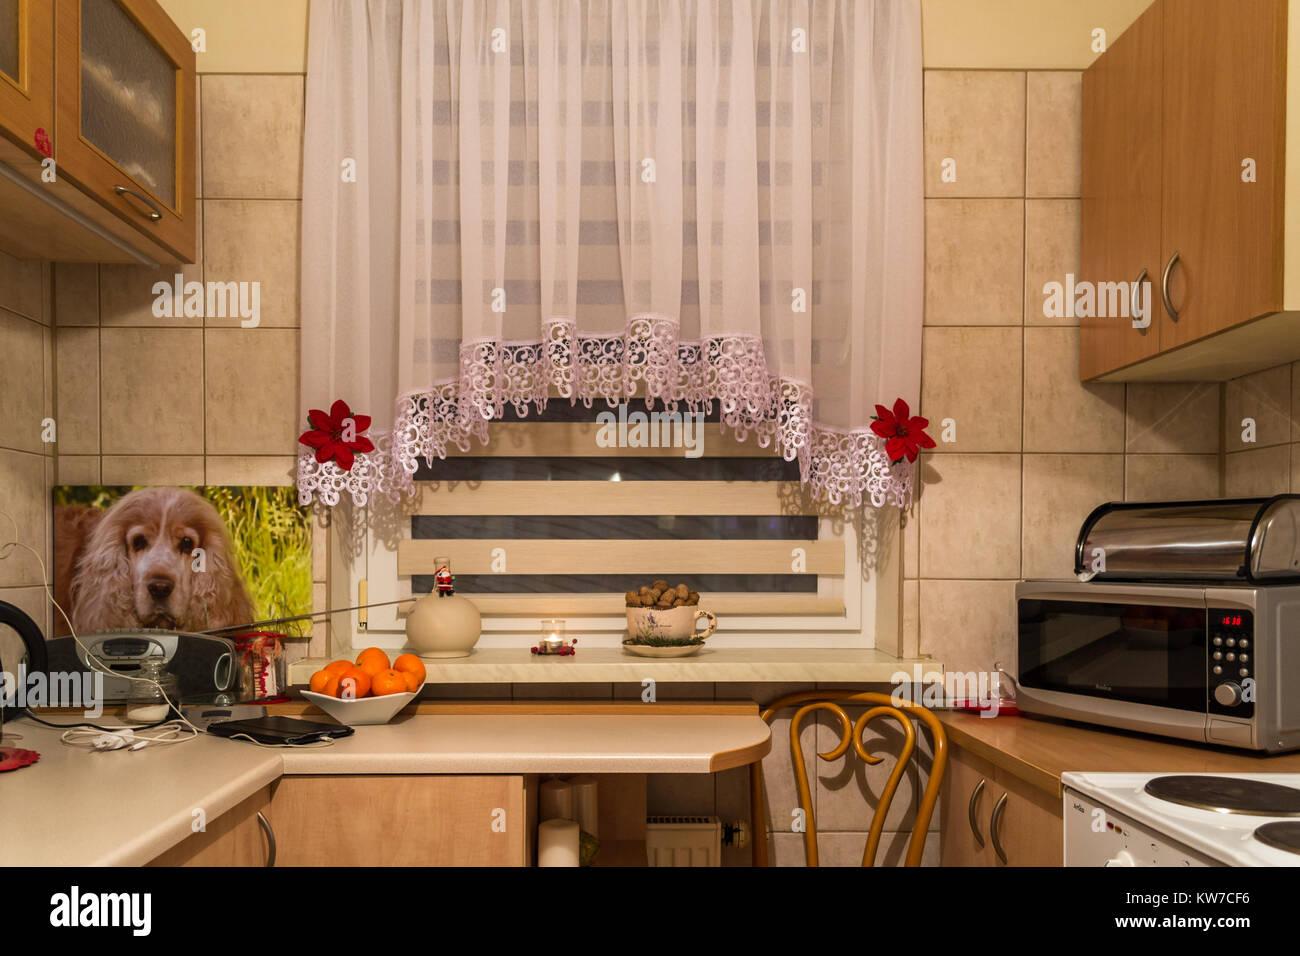 Cucina con tende bianche Foto & Immagine Stock: 170423210 - Alamy